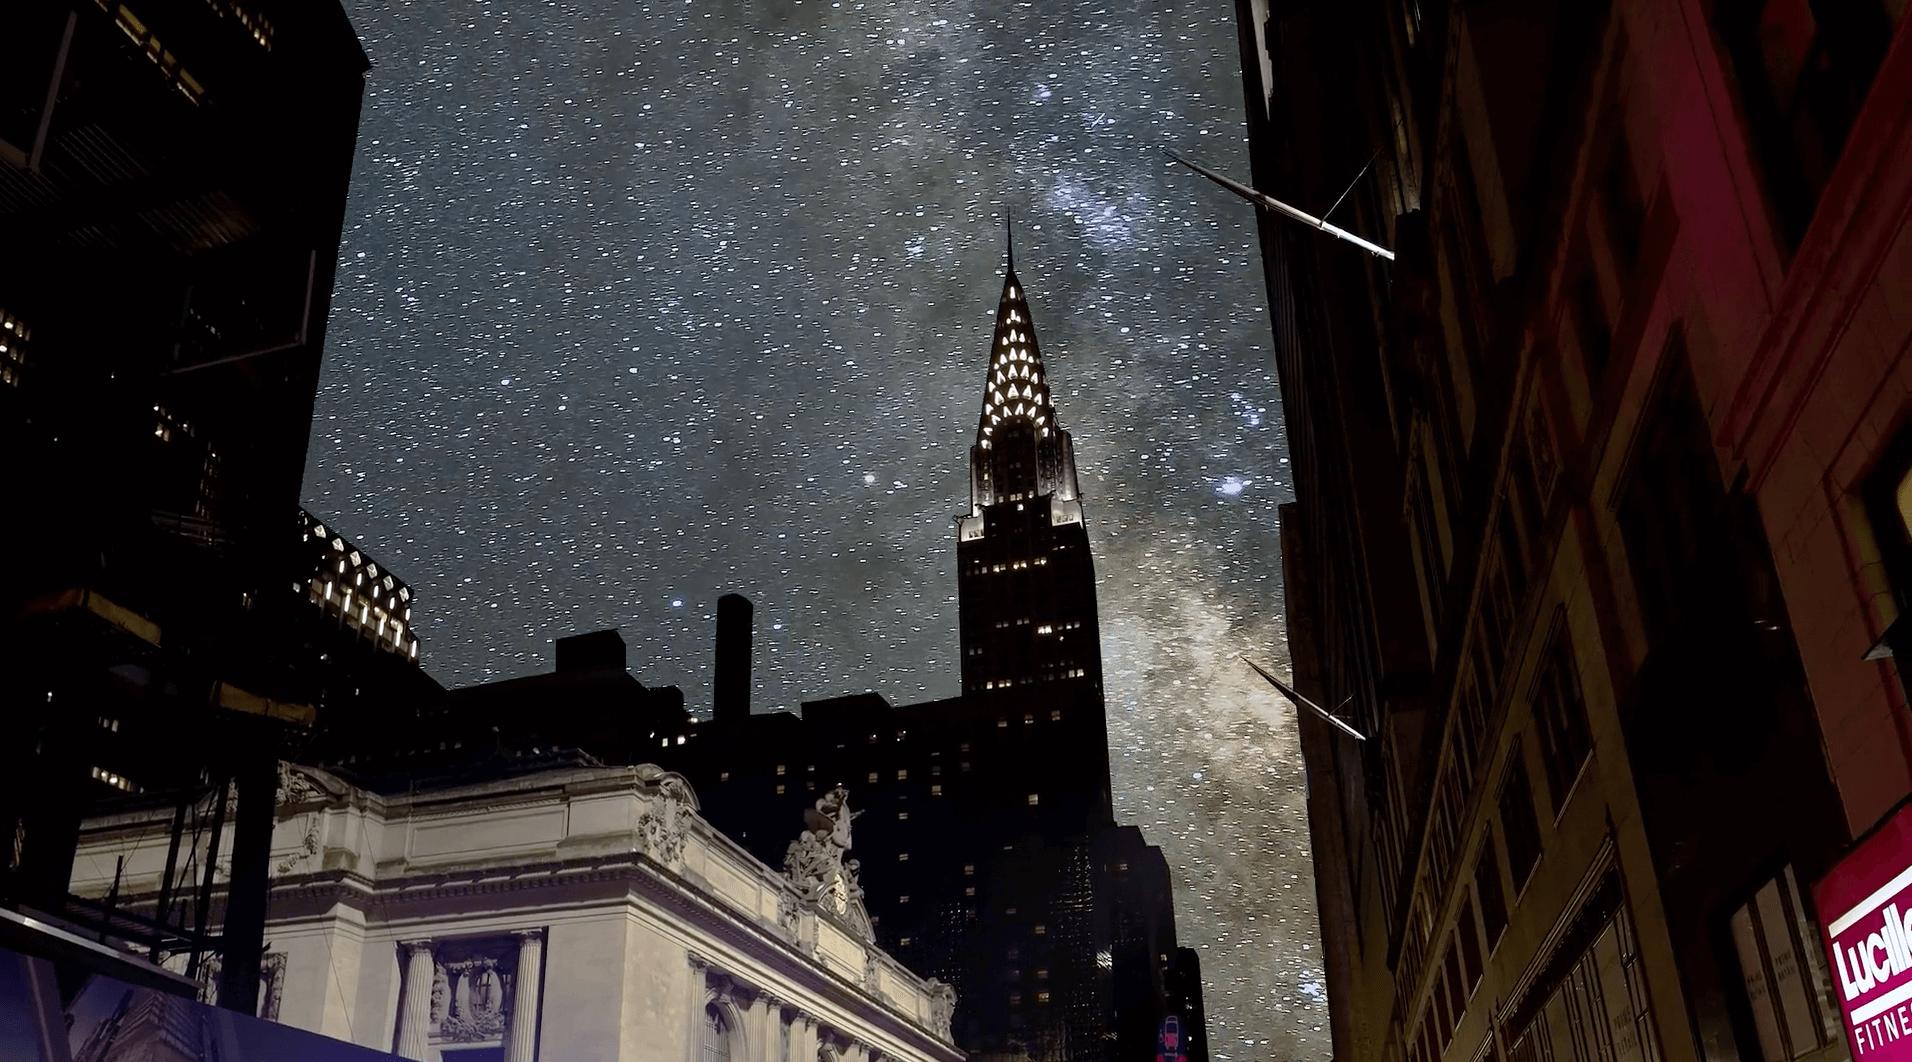 ニューヨークの夜空に美しい星空を合成した影像:SKYGLOW: NYC